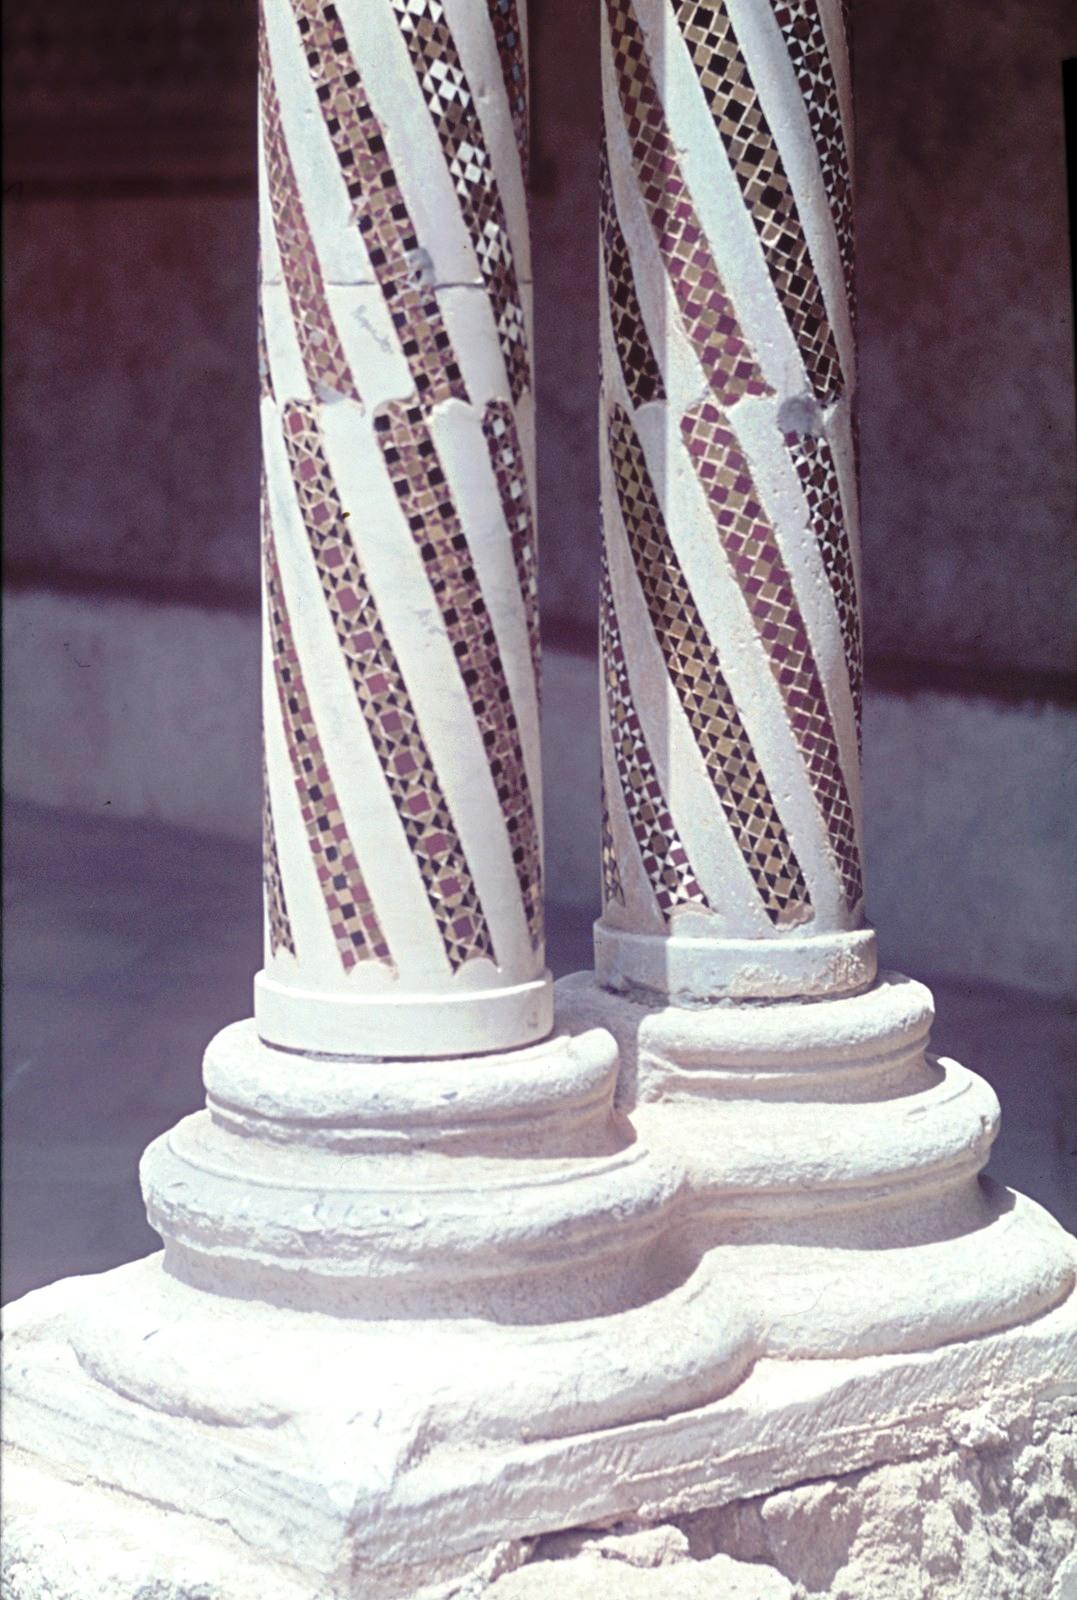 Палермо. Пригород Монреале. Клуатр (внутренний двор) некогда существовавшего бенедиктинского монастыря.Пара колонн, украшенных мозаикой